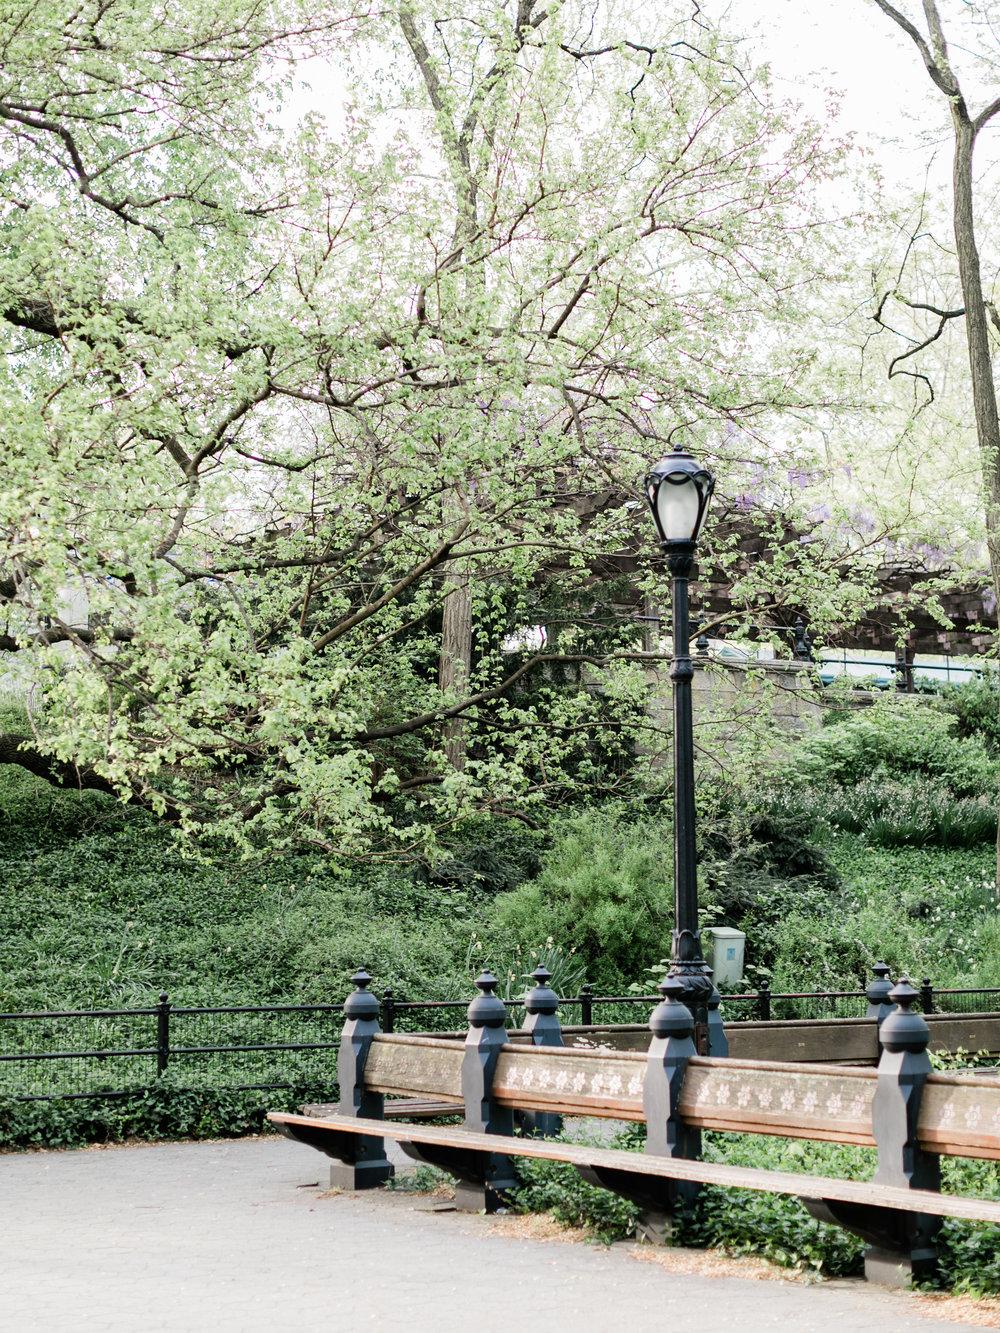 ashergardner-central-park-152.jpg